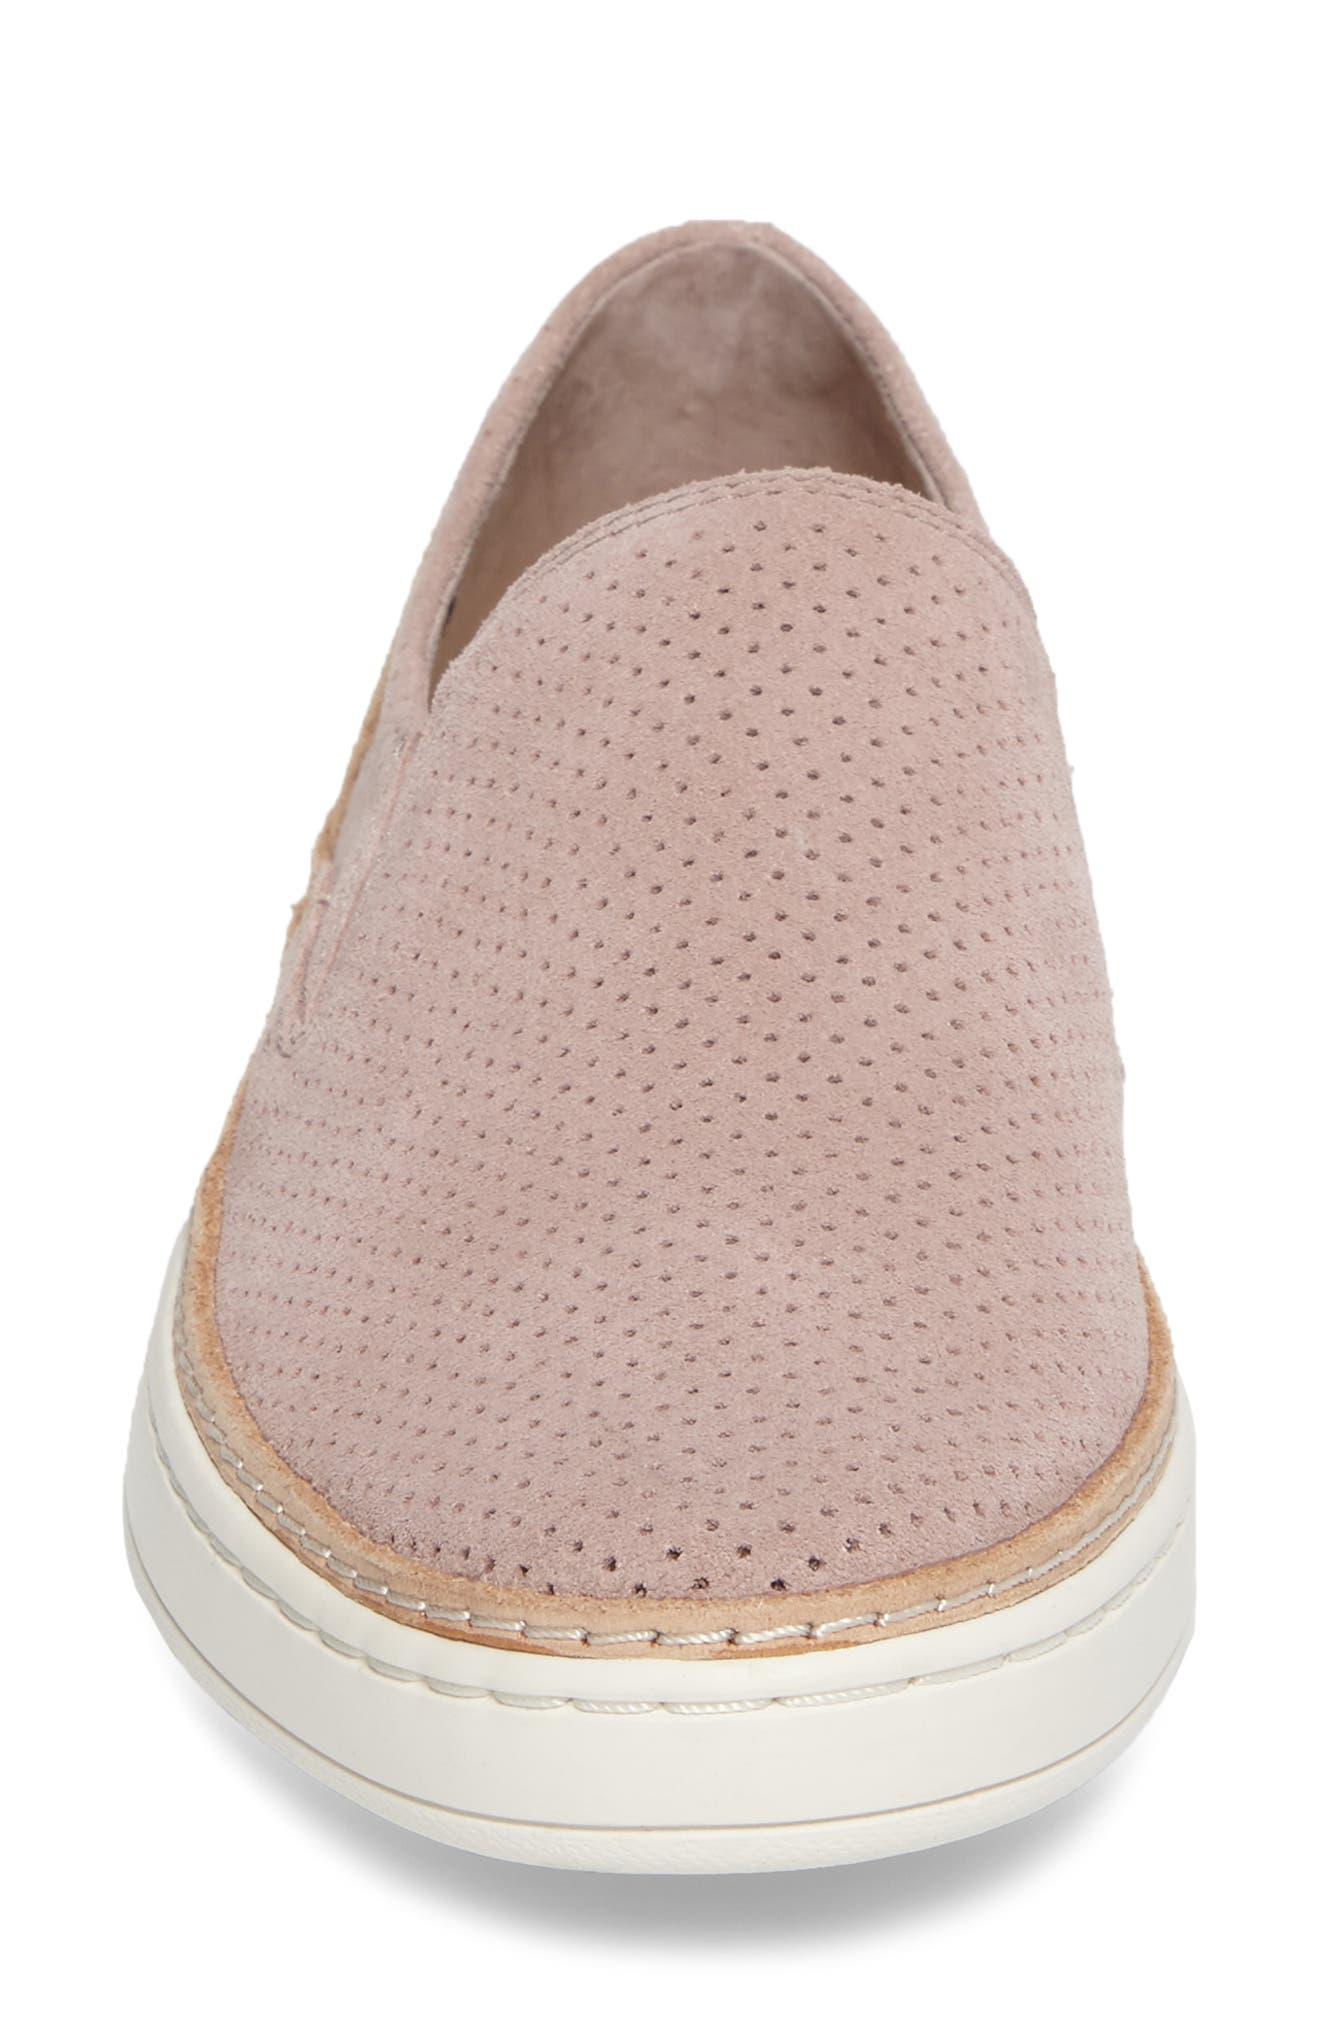 Adley Slip-On Sneaker,                             Alternate thumbnail 42, color,